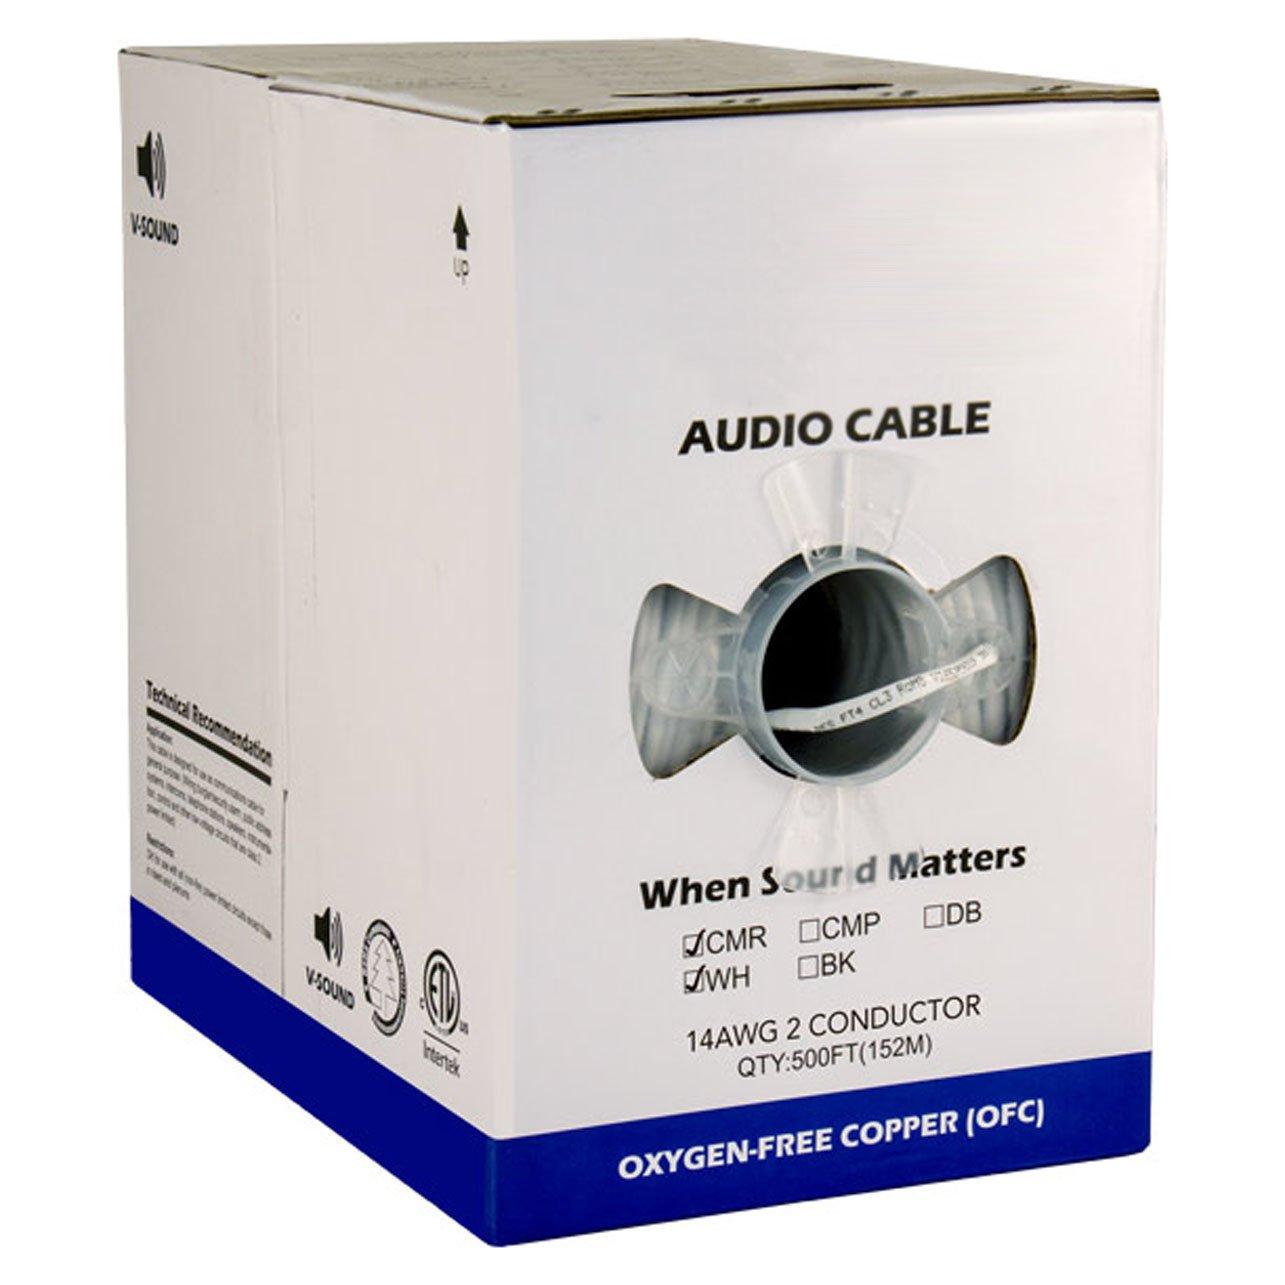 オーディオケーブル、14 AWG、2 Conductor、41ストランド500 ft、PVC、ジャケット、Pullボックス、ホワイト   B00B1FH3XU